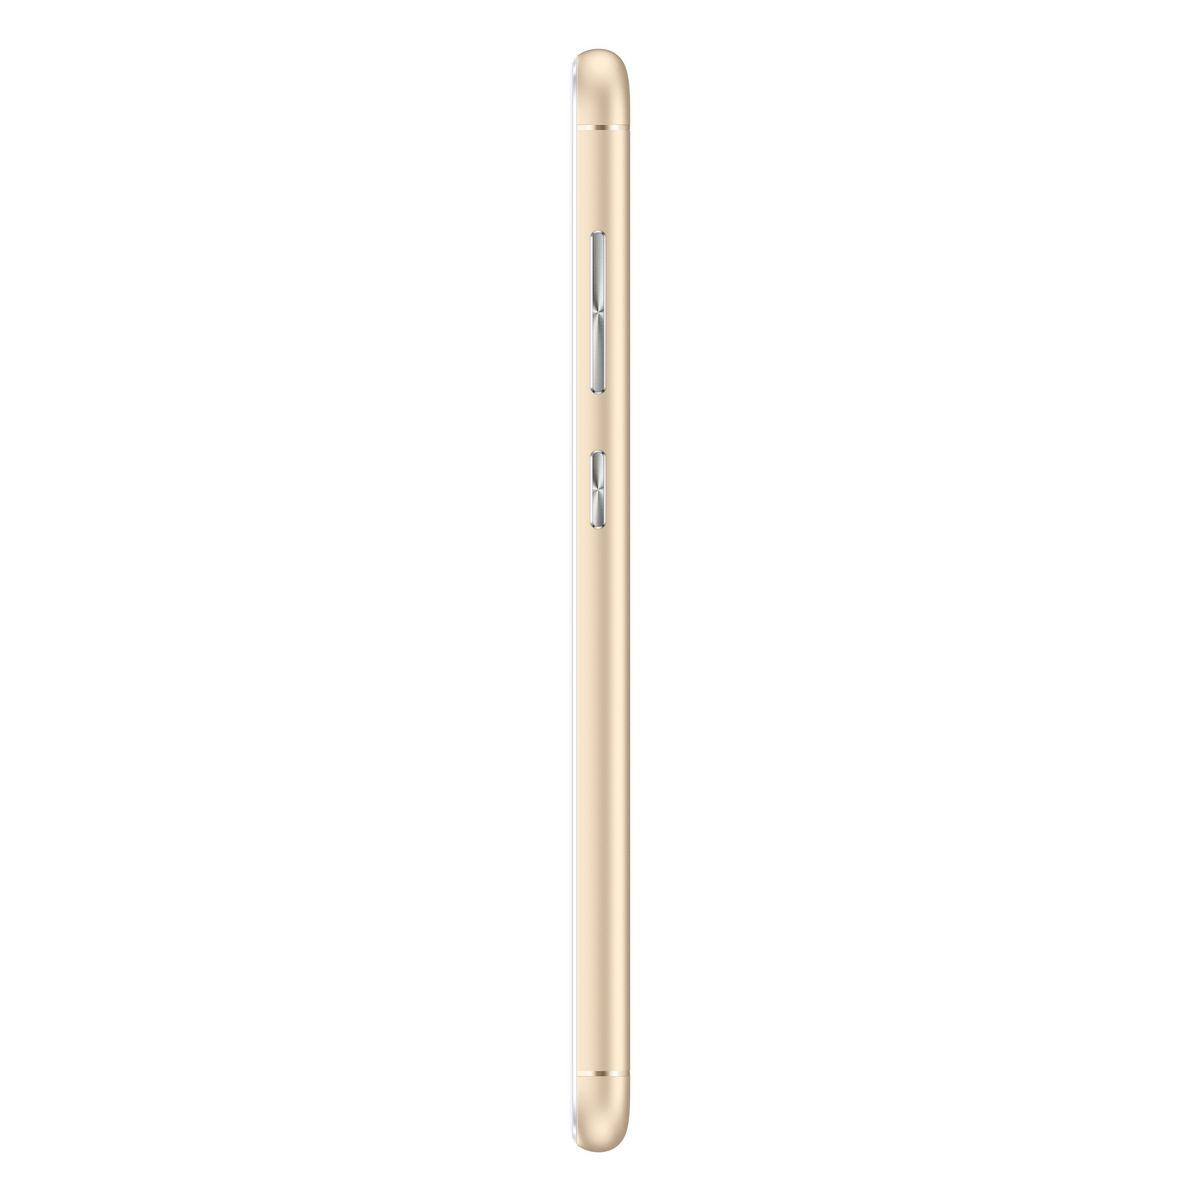 ASUS Smartphone ZENFONE 3 MAX+ / ZC553KL - 32 Go - 5,5 pouces - Or